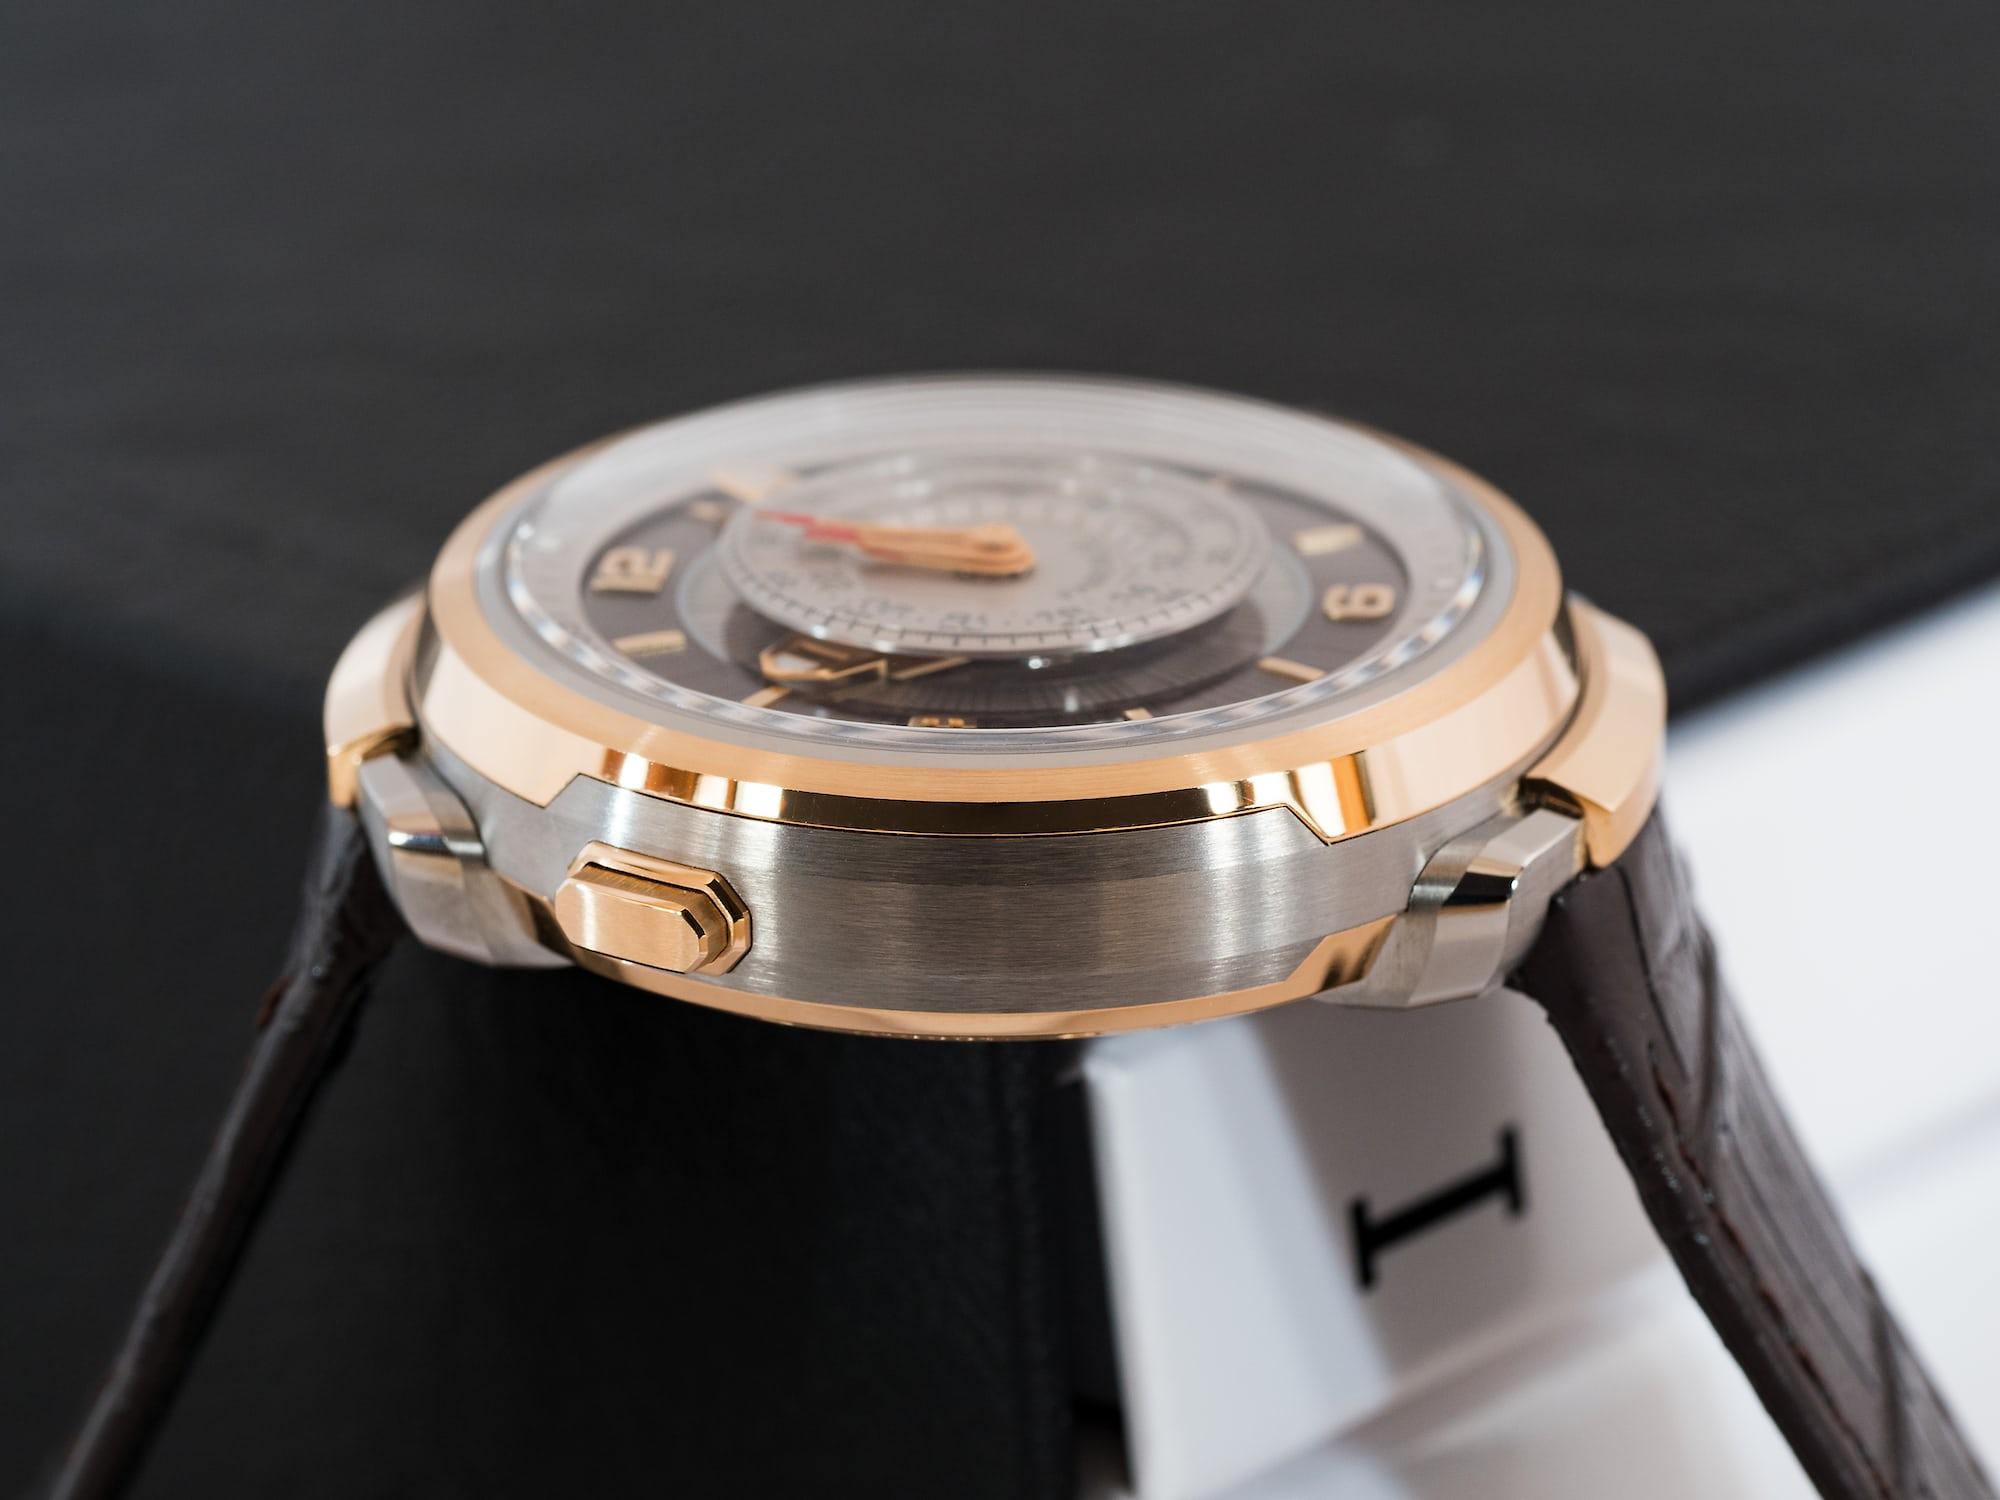 Fabergé Visionnaire Chronograph, case side view